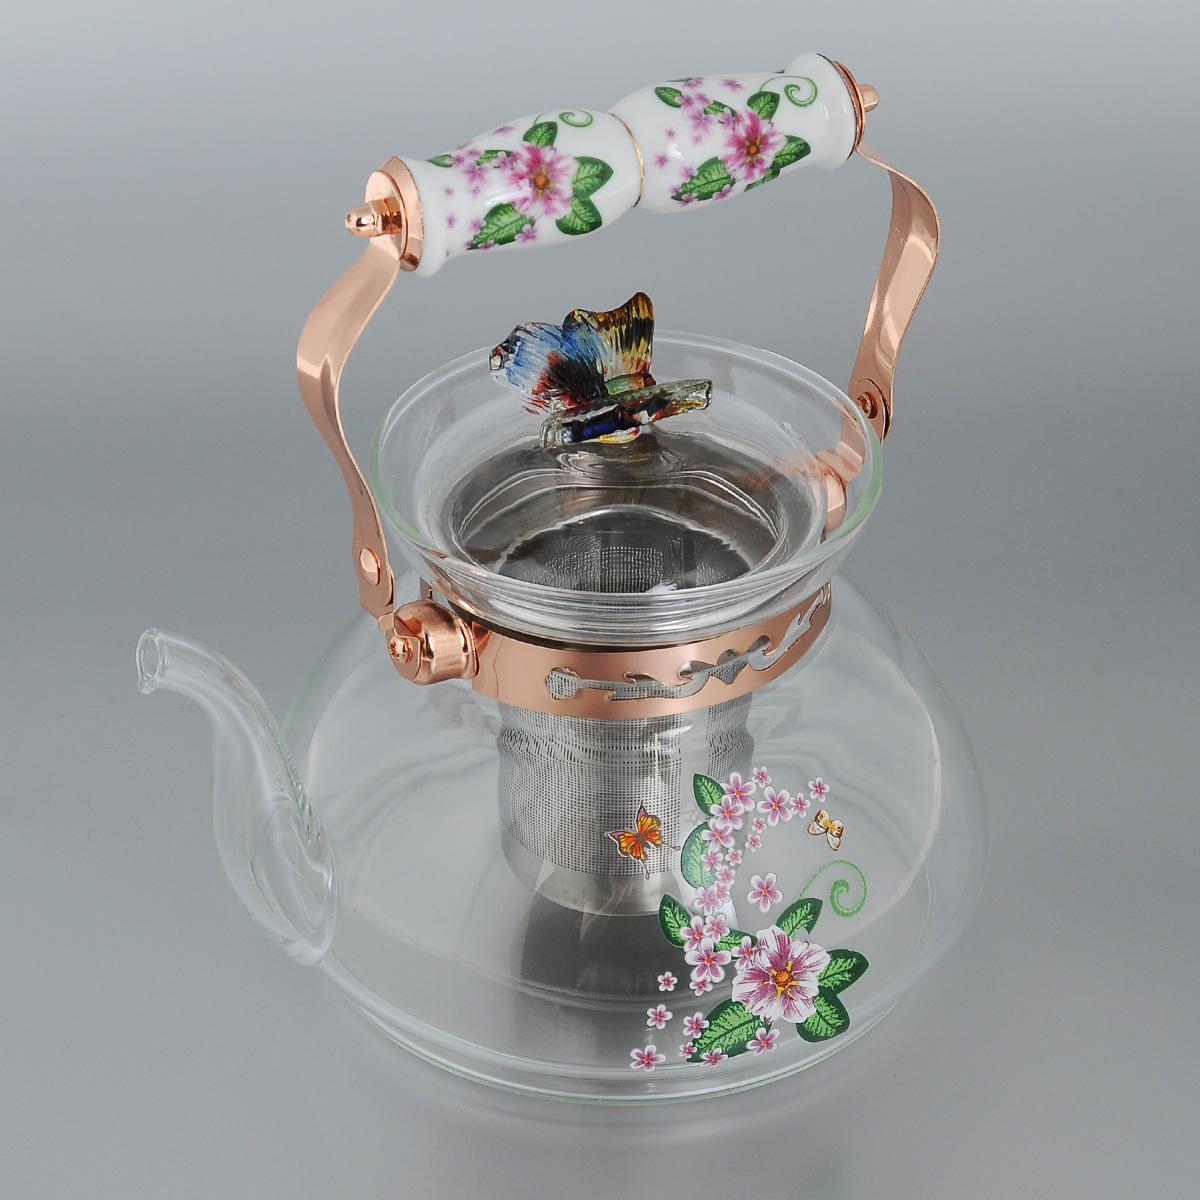 Чайник заварочный Bekker, цвет: розовый, зеленый, 1,2 лВК-7617Заварочный чайник Bekker изготовлен из высококачественного жаропрочного стекла. Изделие декорировано изображением цветов. Чайник оснащен удобной фарфоровой ручкой. Крышка выполнена из стекла. Красочность оформления придется по вкусу и ценителям классики, и тем, кто предпочитает утонченность и изысканность. Оригинальный рисунок придает изделию особый шарм, который понравится каждому. Подходит для использования на газовой плите. Можно мыть в посудомоечной машине. Высота чайника (с учетом ручки): 21 см. Диаметр по верхнему краю: 11 см. Диаметр основания: 14 см.